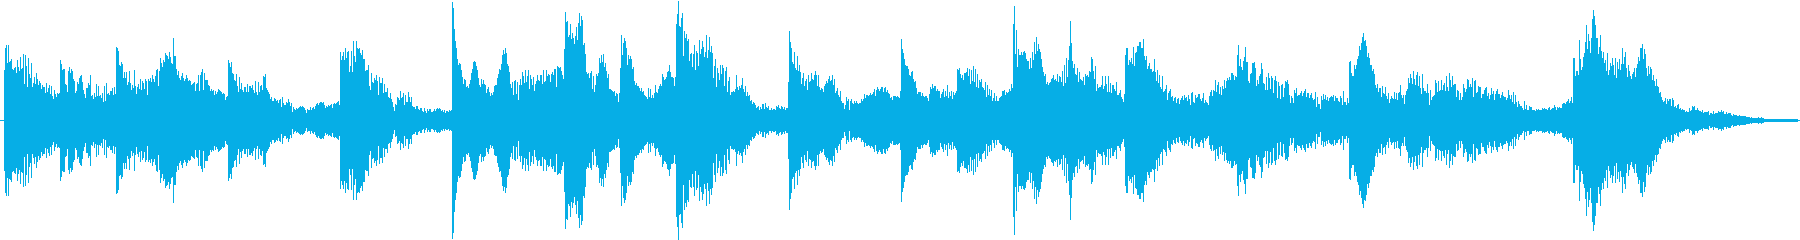 電車の発車メロディ(発着音)001の再生済みの波形